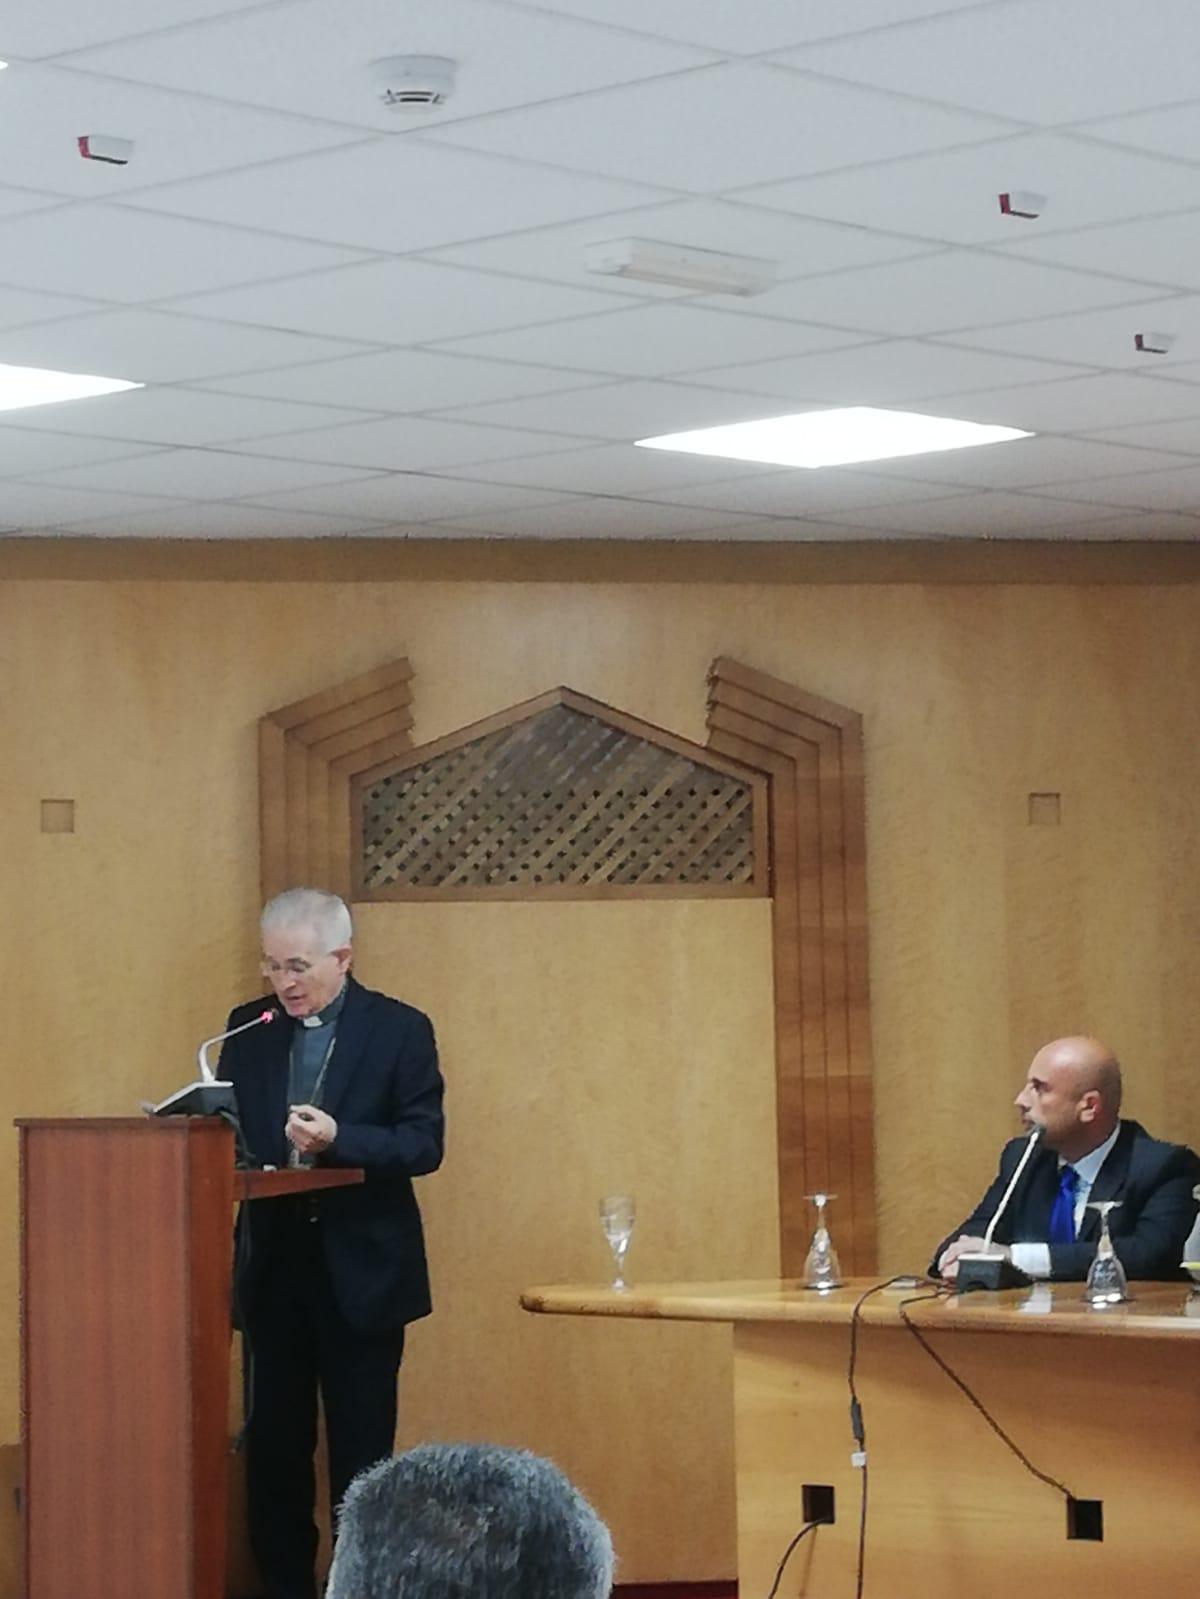 Relazione di Mons. Crociata all'incontro  pubblico di Forum015